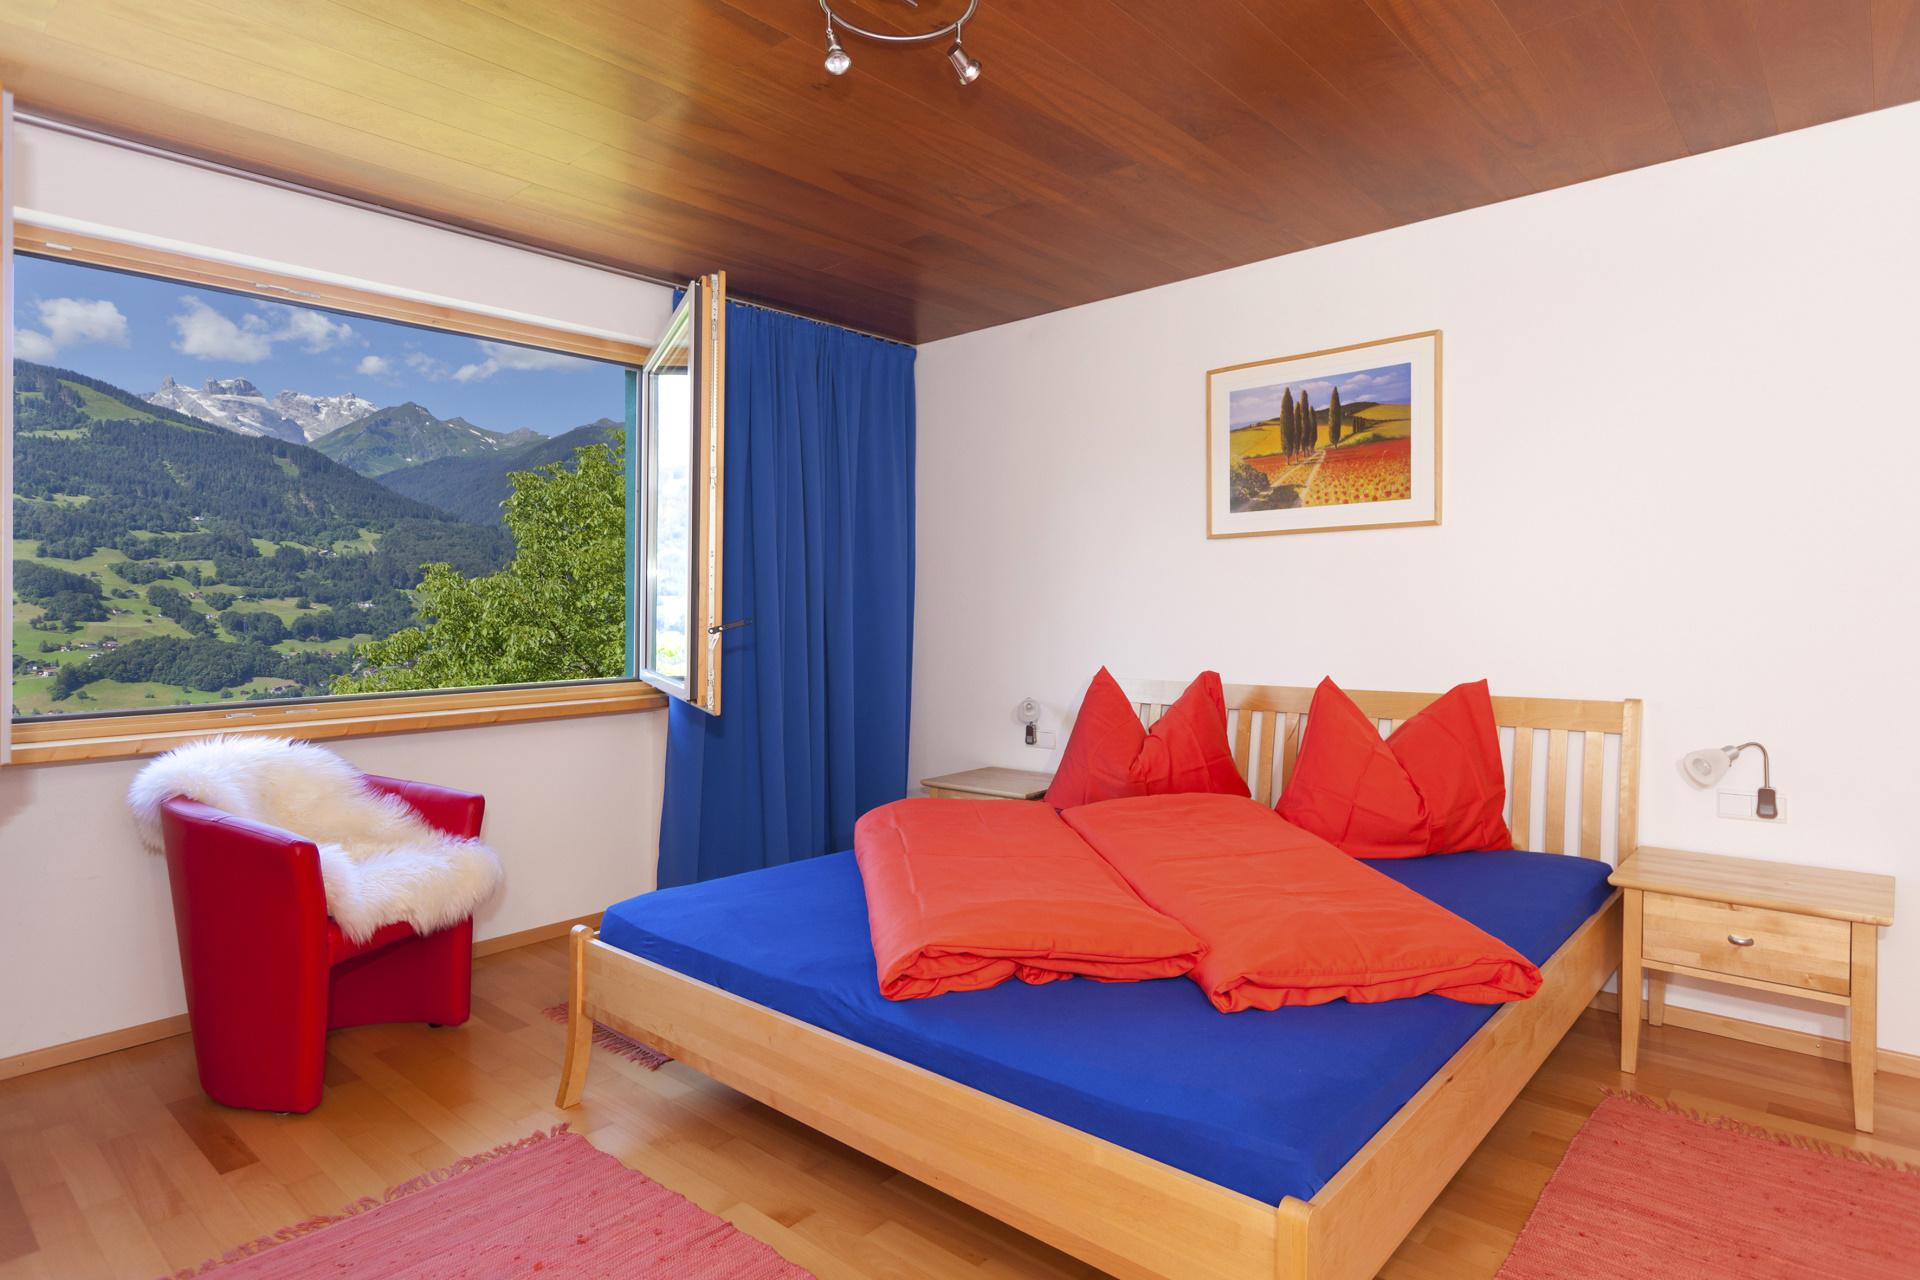 Ferienhaus Grappa Schlafzimmer 1